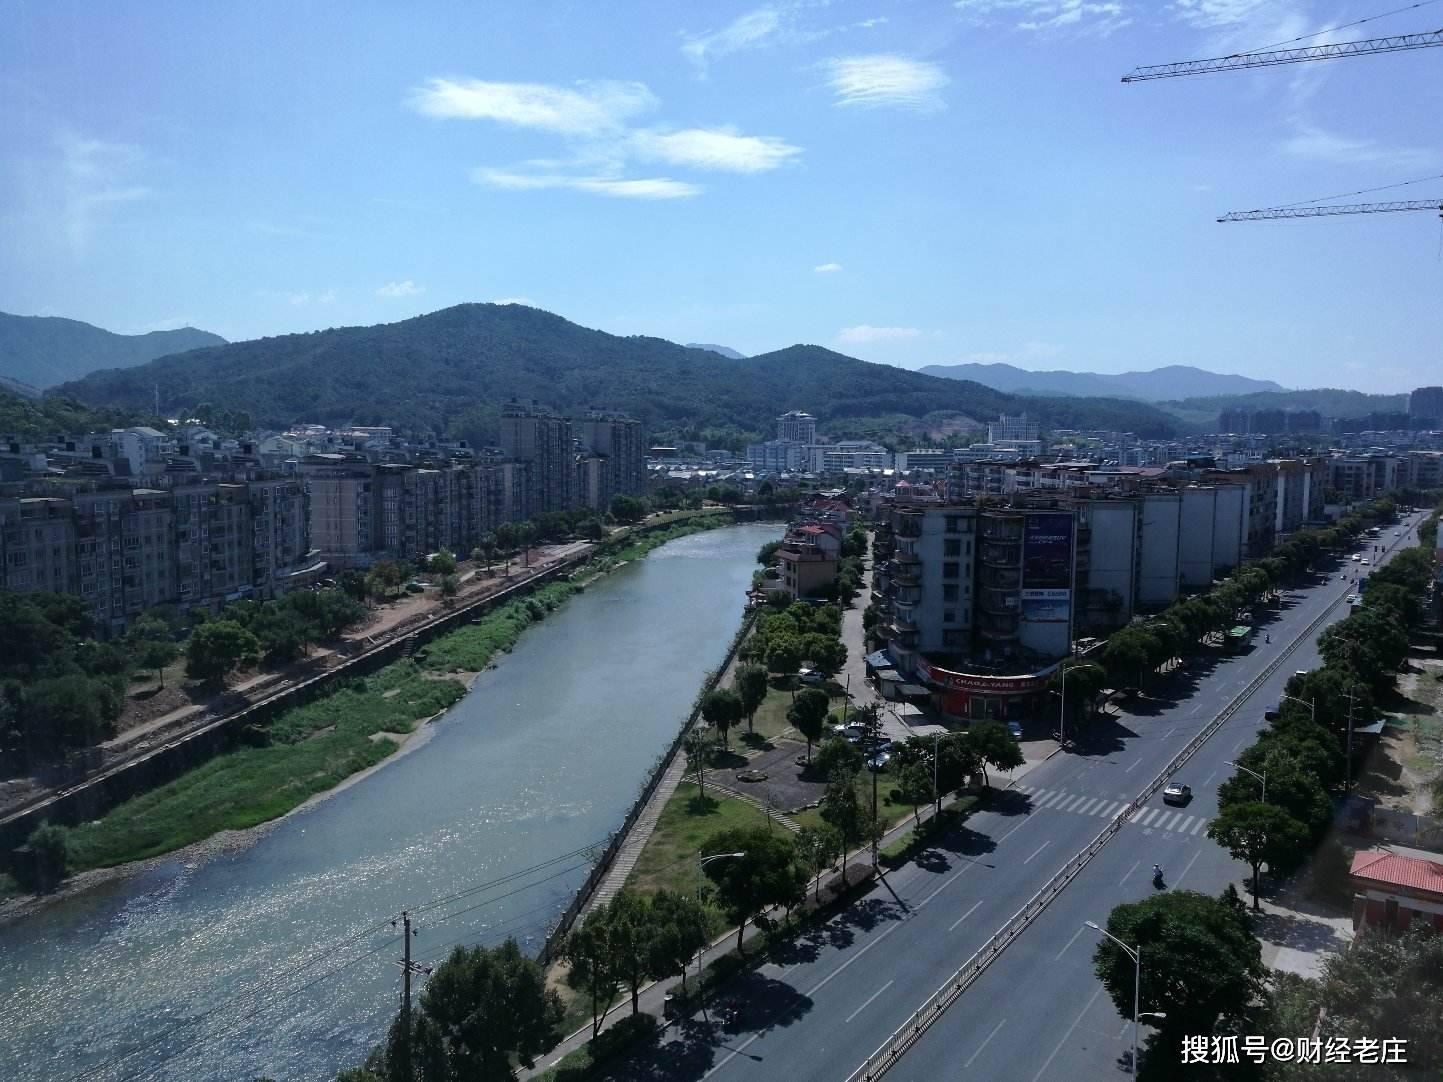 福建明溪县gdp_牛 2015年福建省各县区GDP和财政收入排行榜发布,泉港排名如此靠前